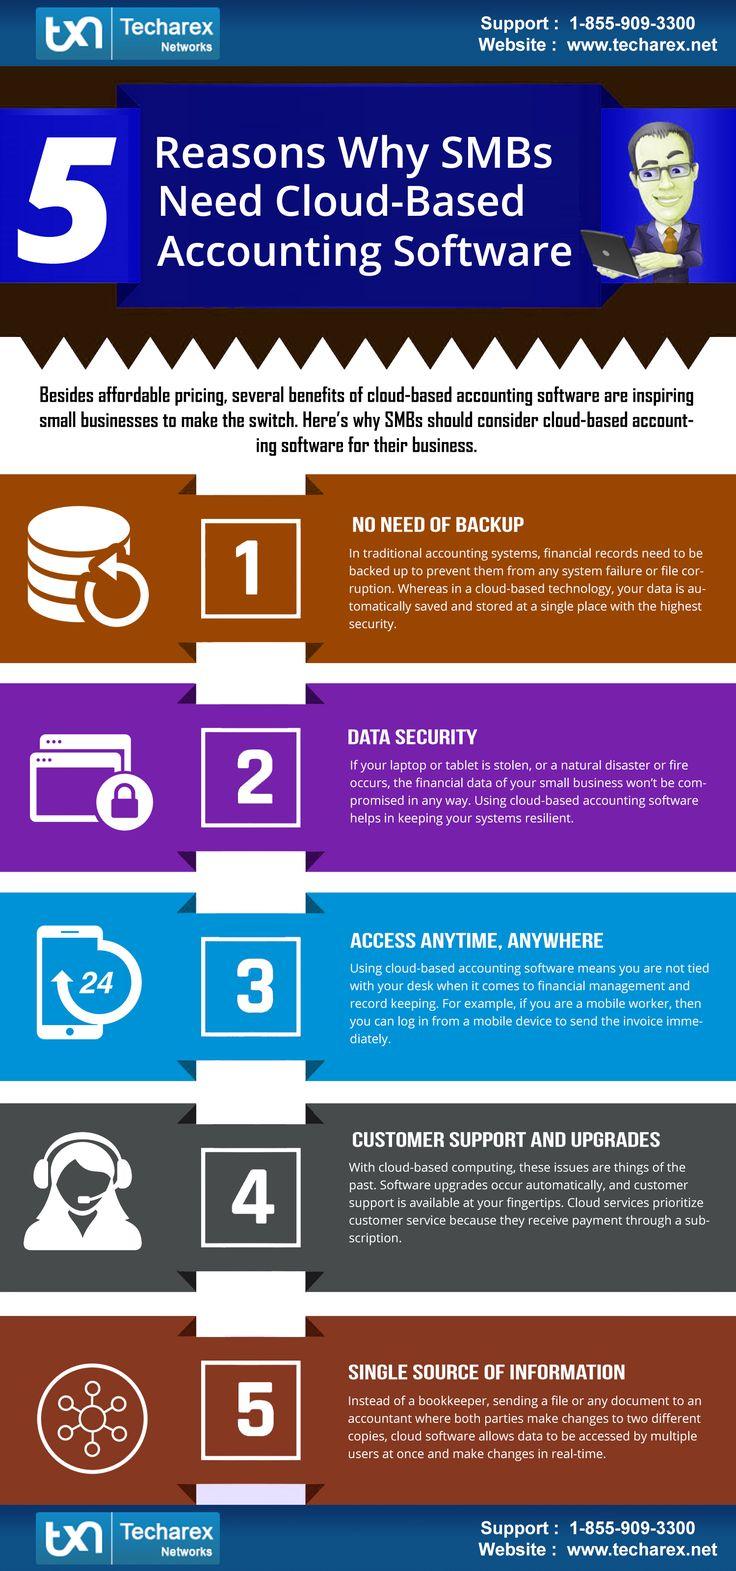 Review QuickBooks Enterprise Solutions v. 8.0